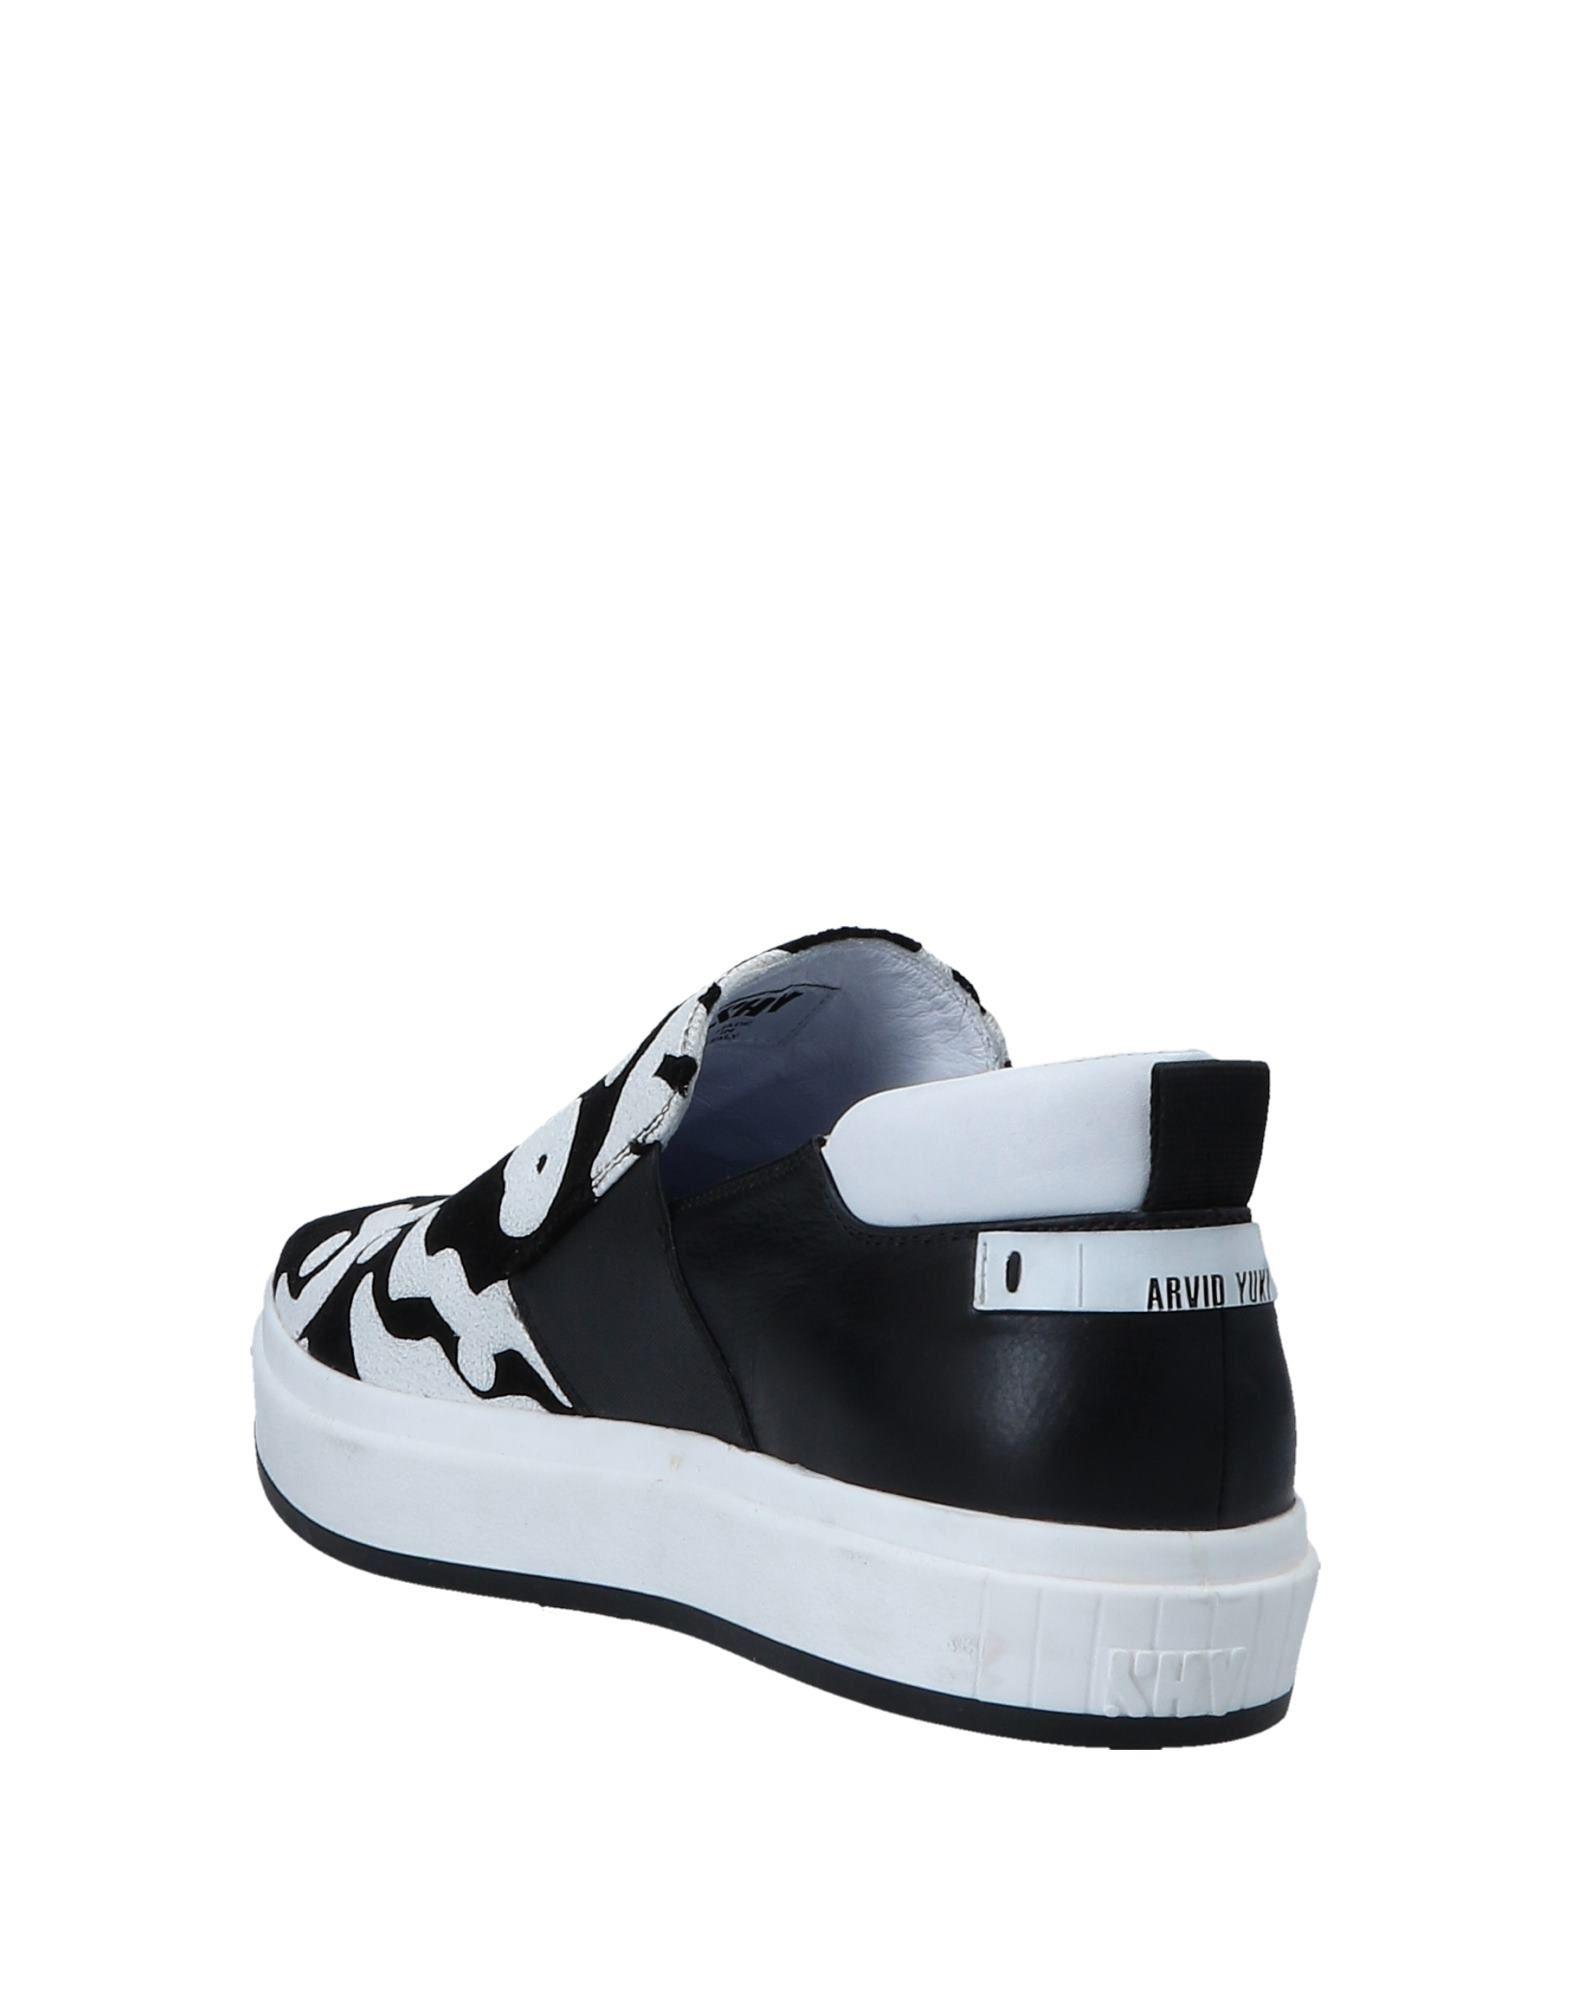 Stilvolle billige Sneakers Schuhe Shy By Arvid Yuki Sneakers billige Damen  11556864MR 59f755